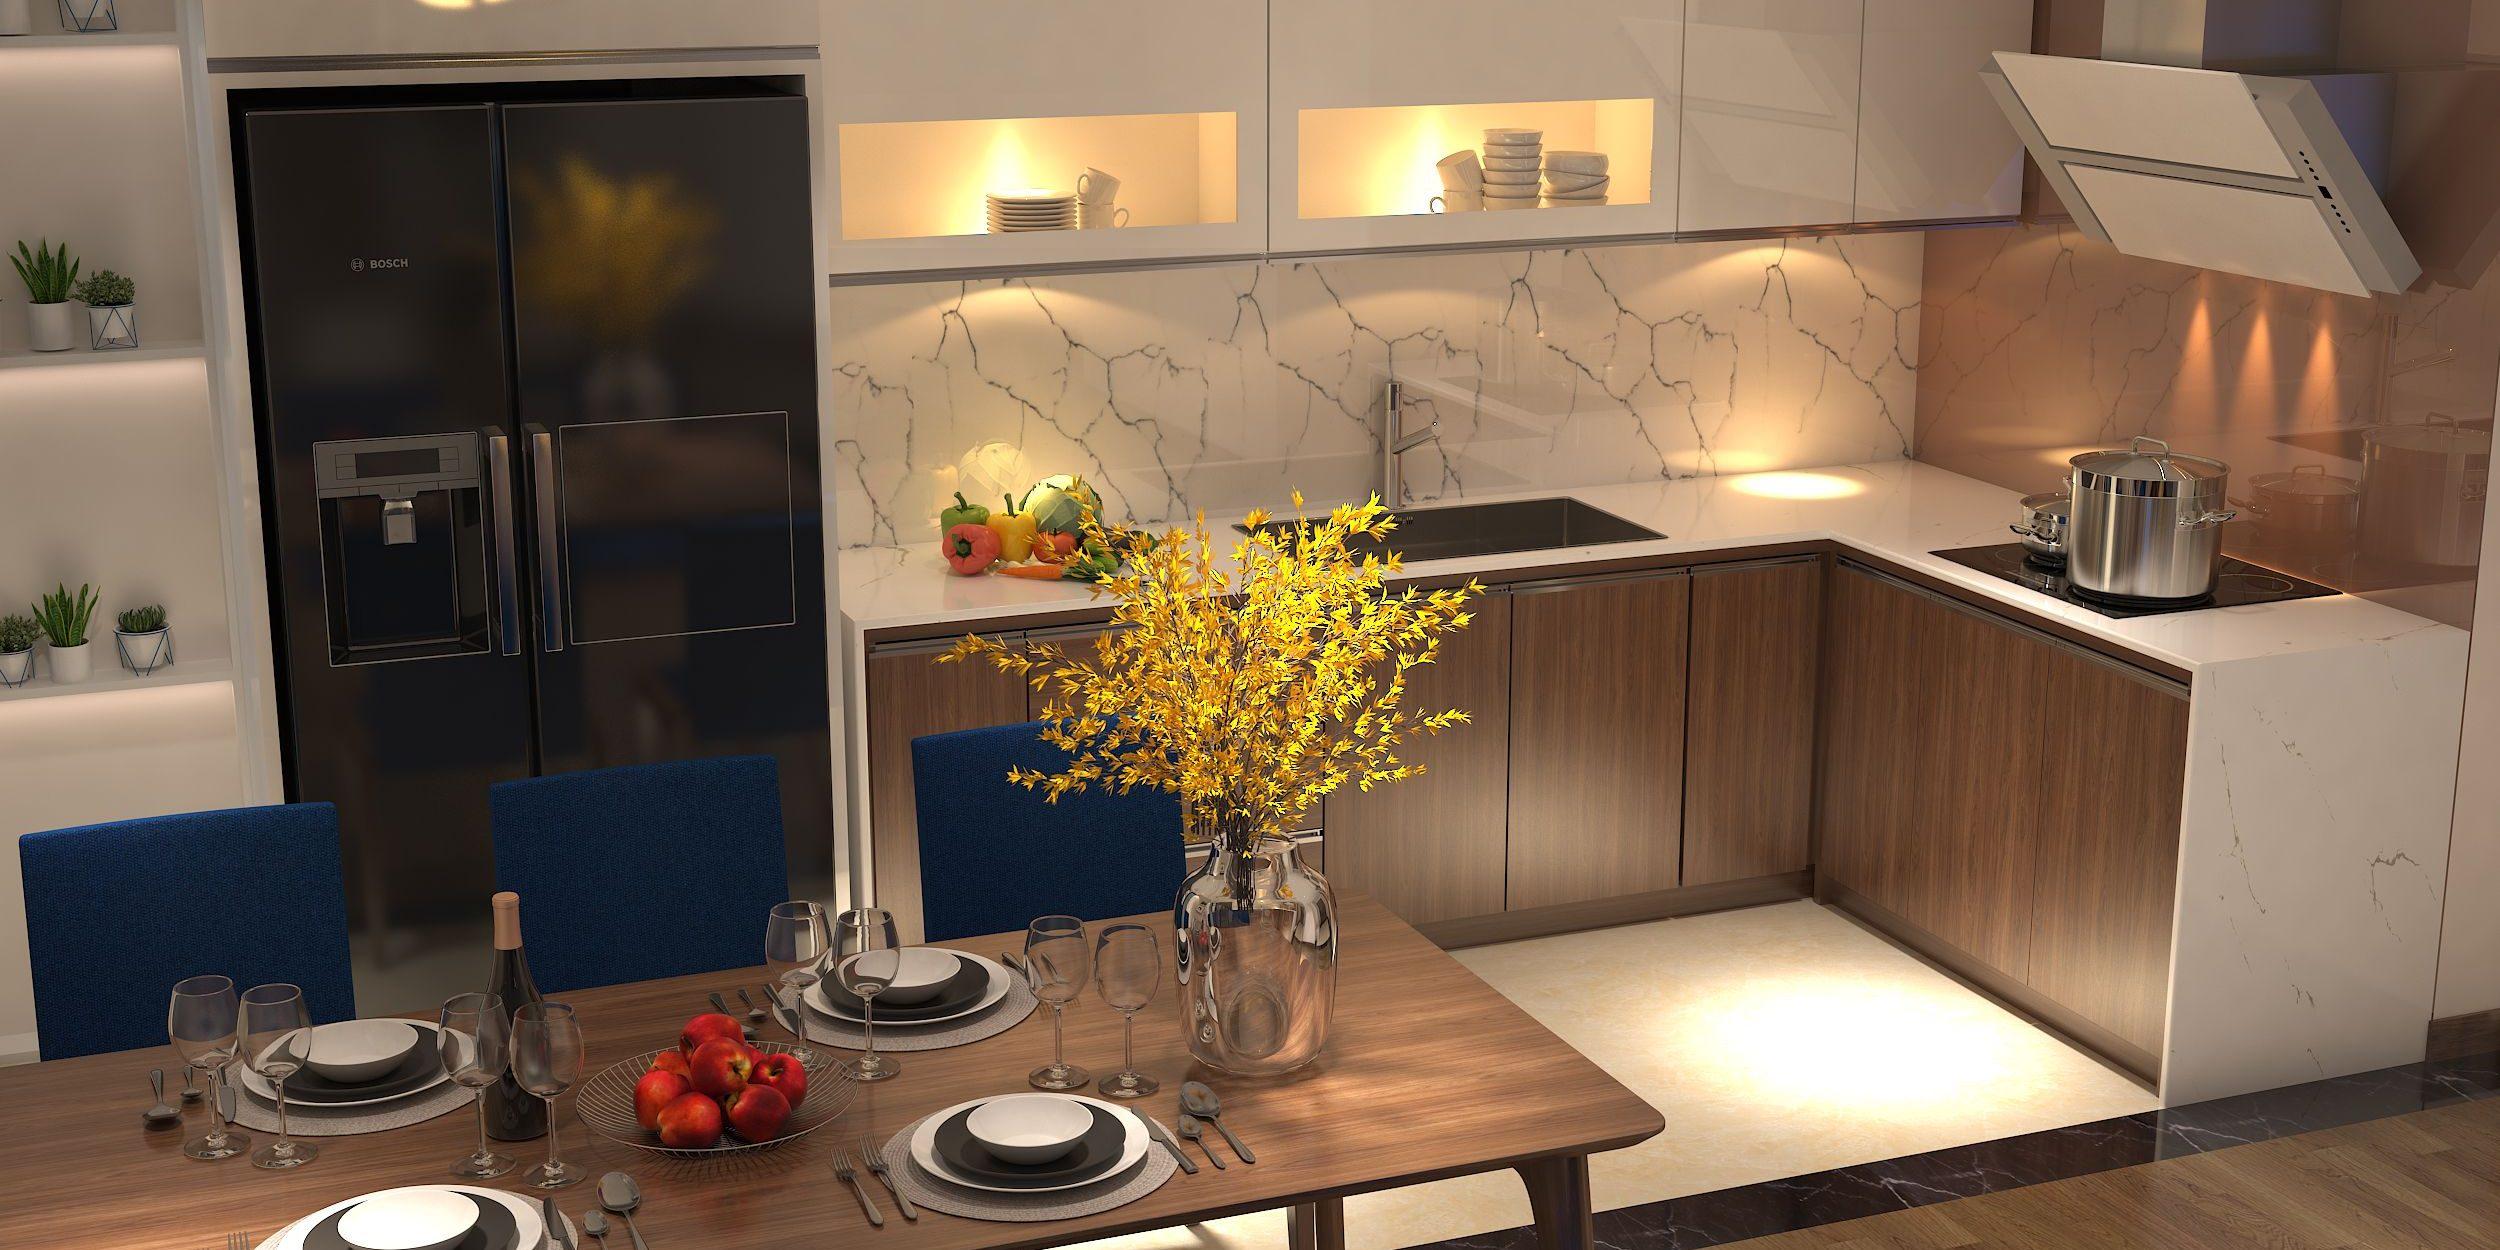 Gia chủ có thể đem thiên nhiên vào ngôi nhà bằng cách trang trí gian bếp đơn giản với những bình hoa